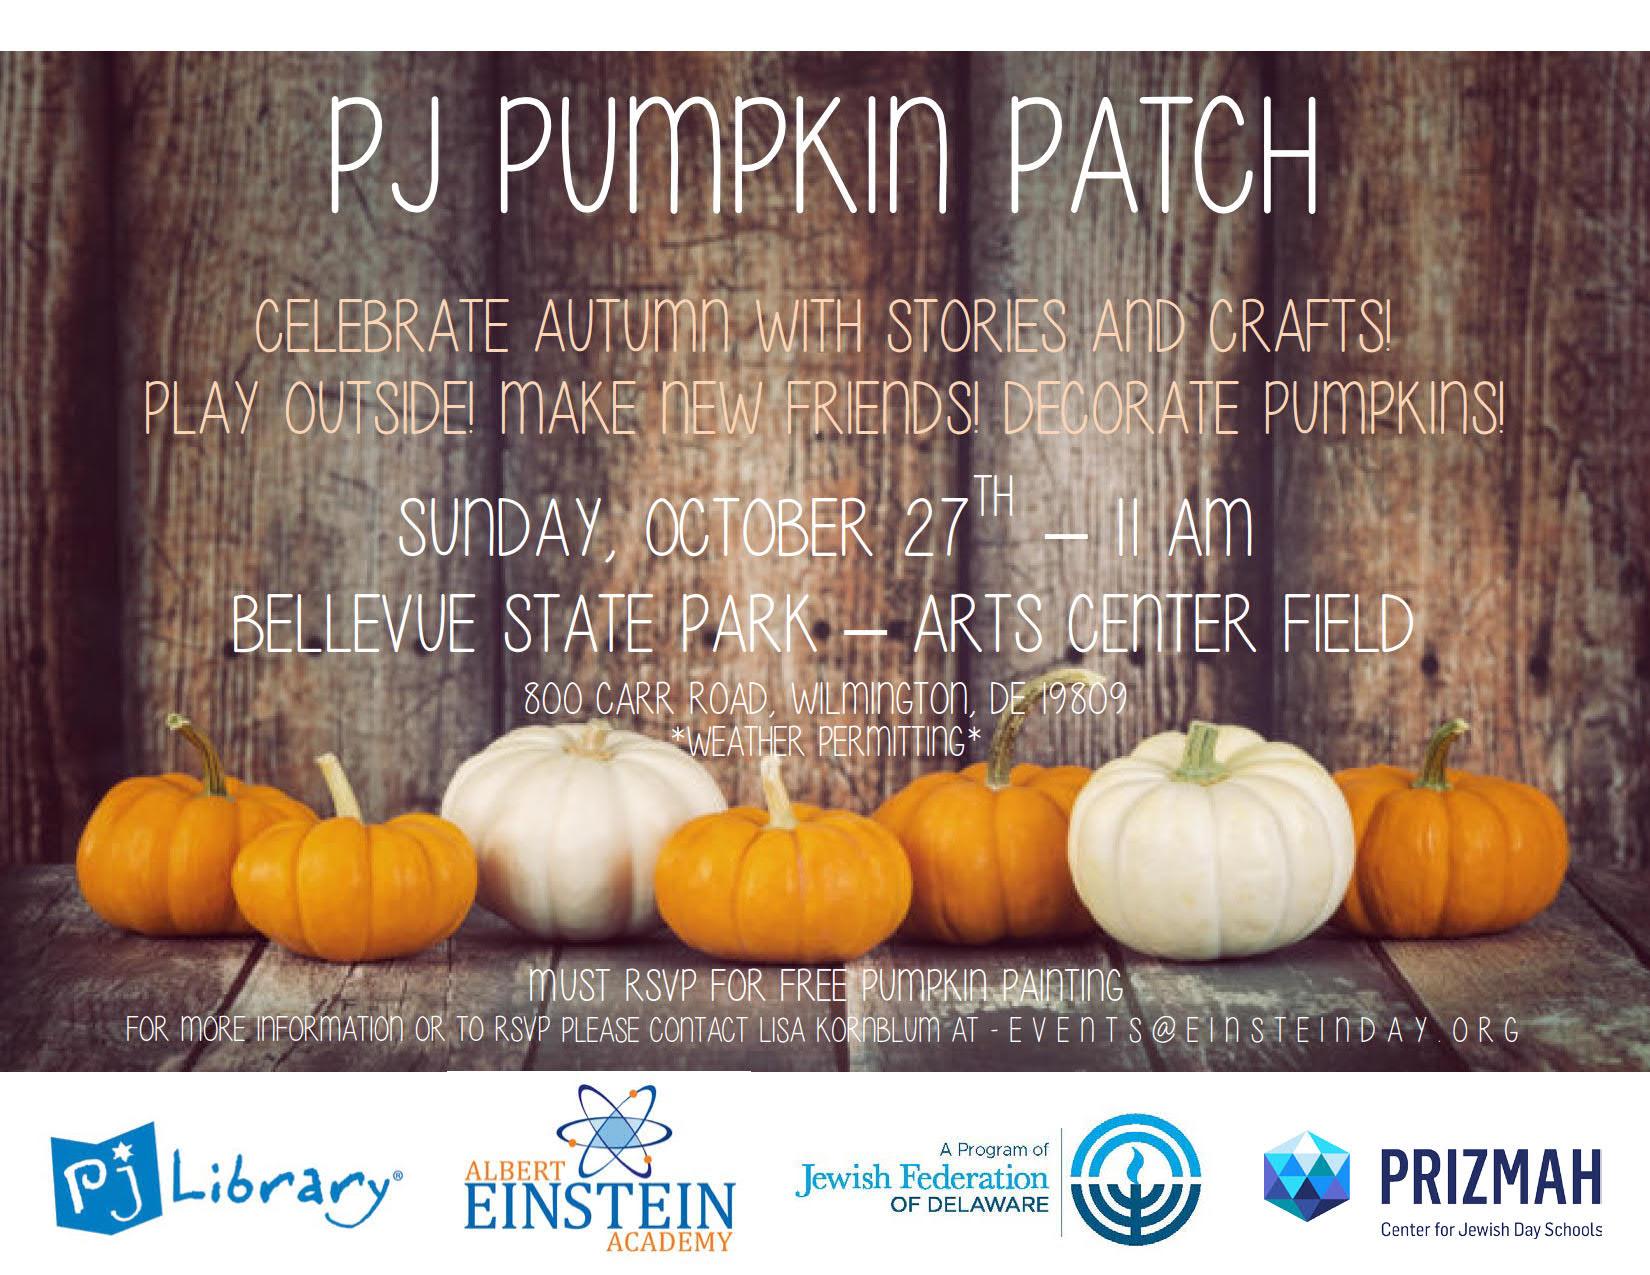 PJ Pumpkin Patch